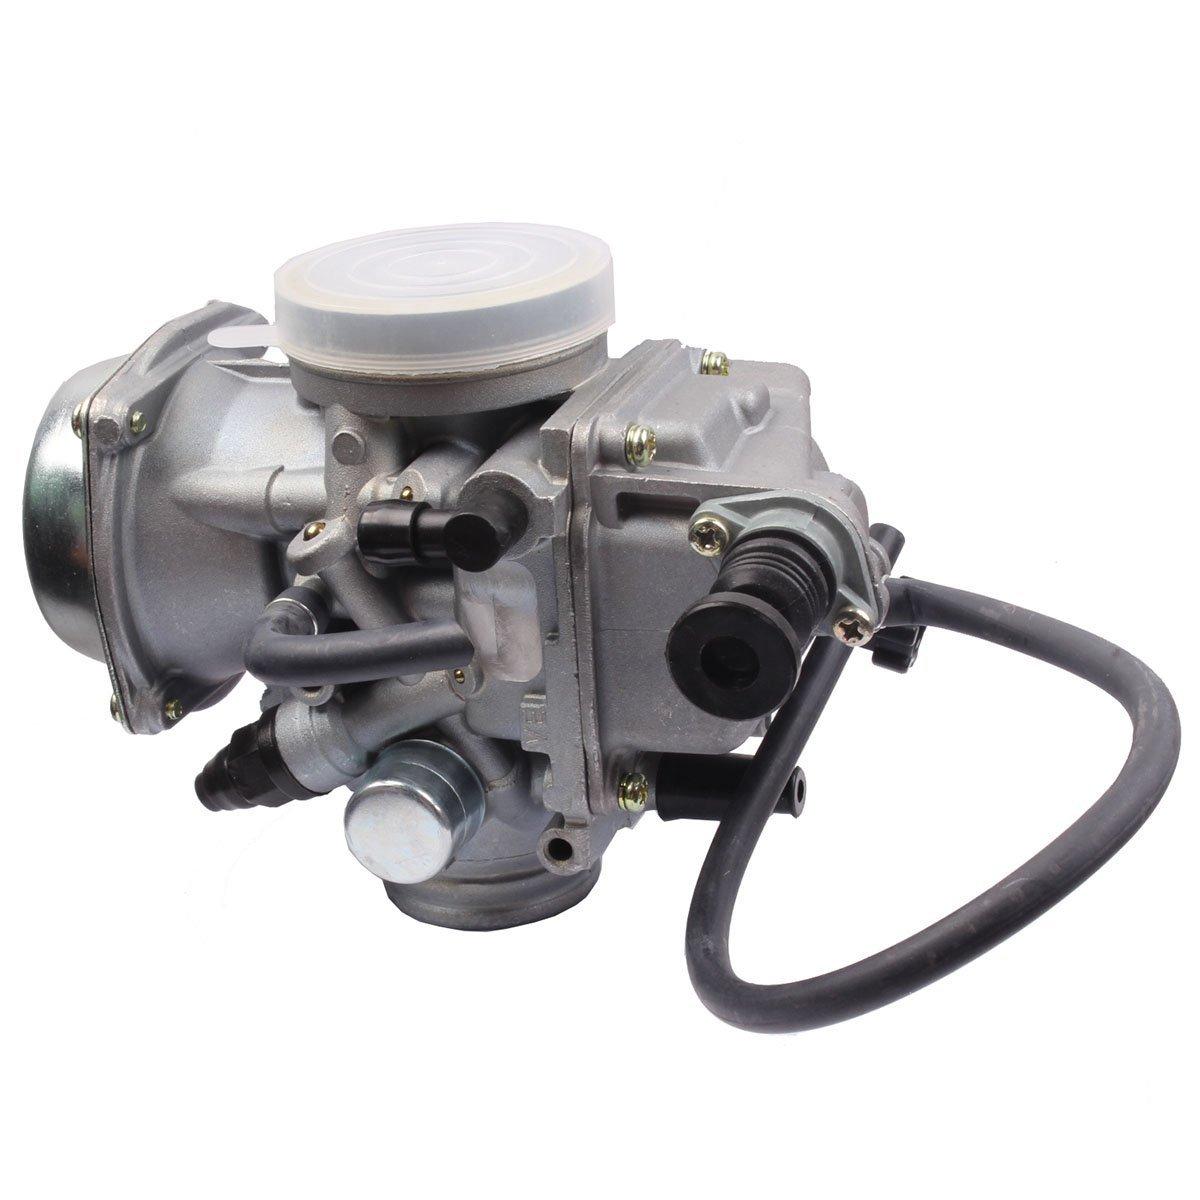 Honda Trx 300 TRX 300fw Trx300 Trx Fourtrax Carburetor 1988-2000 Carb Carby